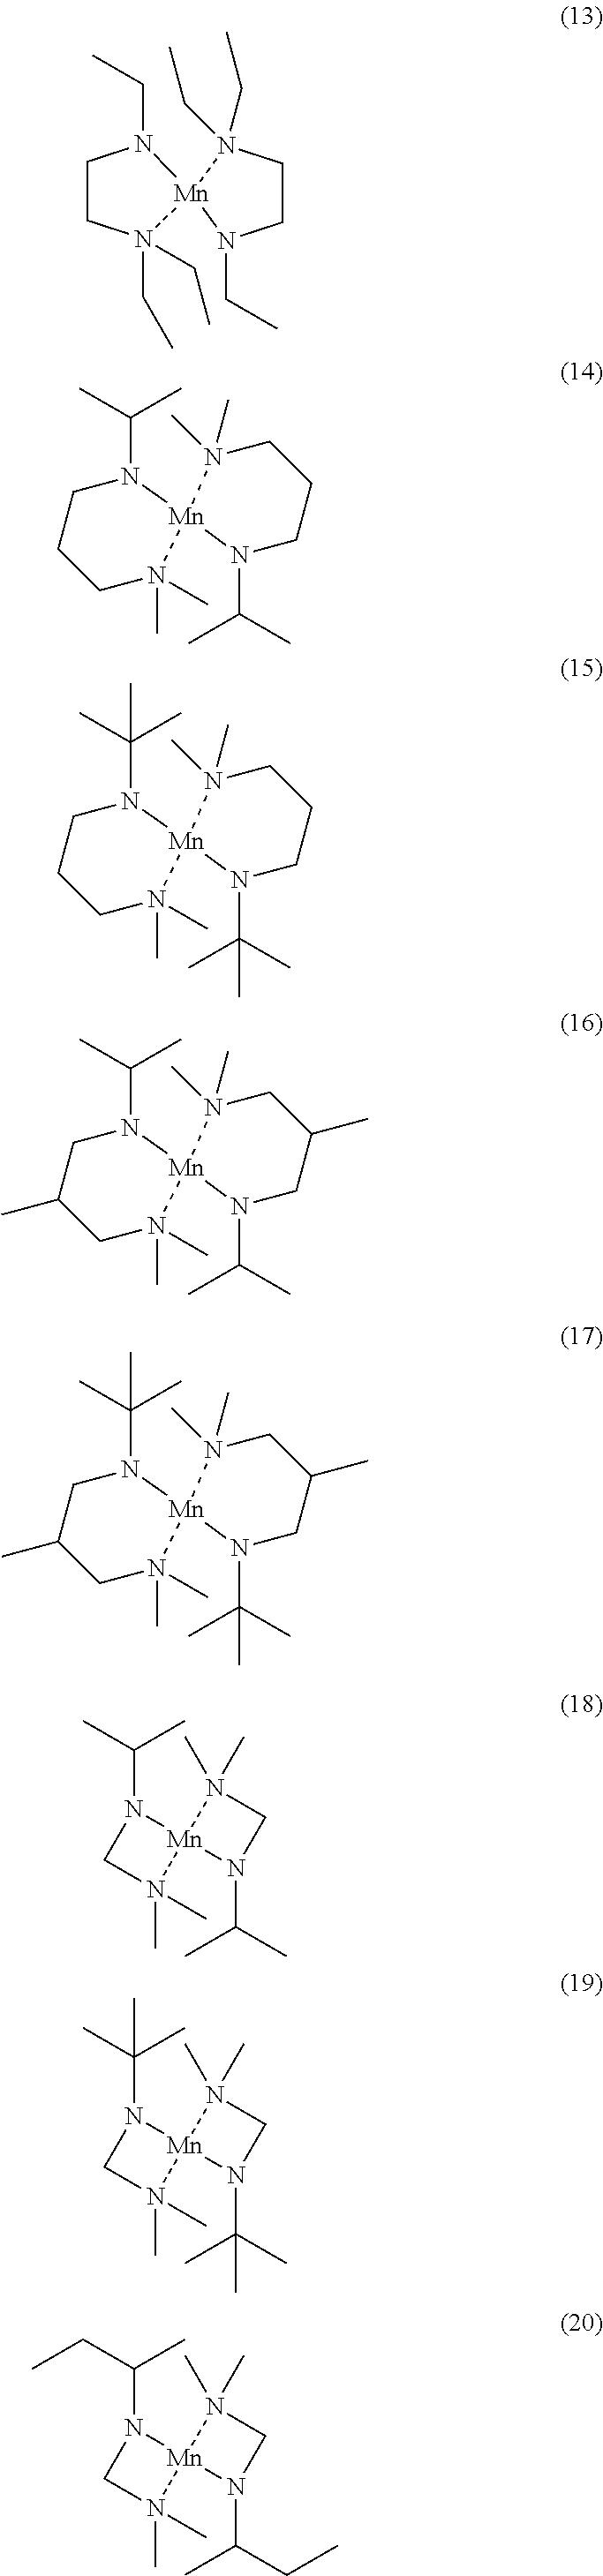 Figure US08871304-20141028-C00101